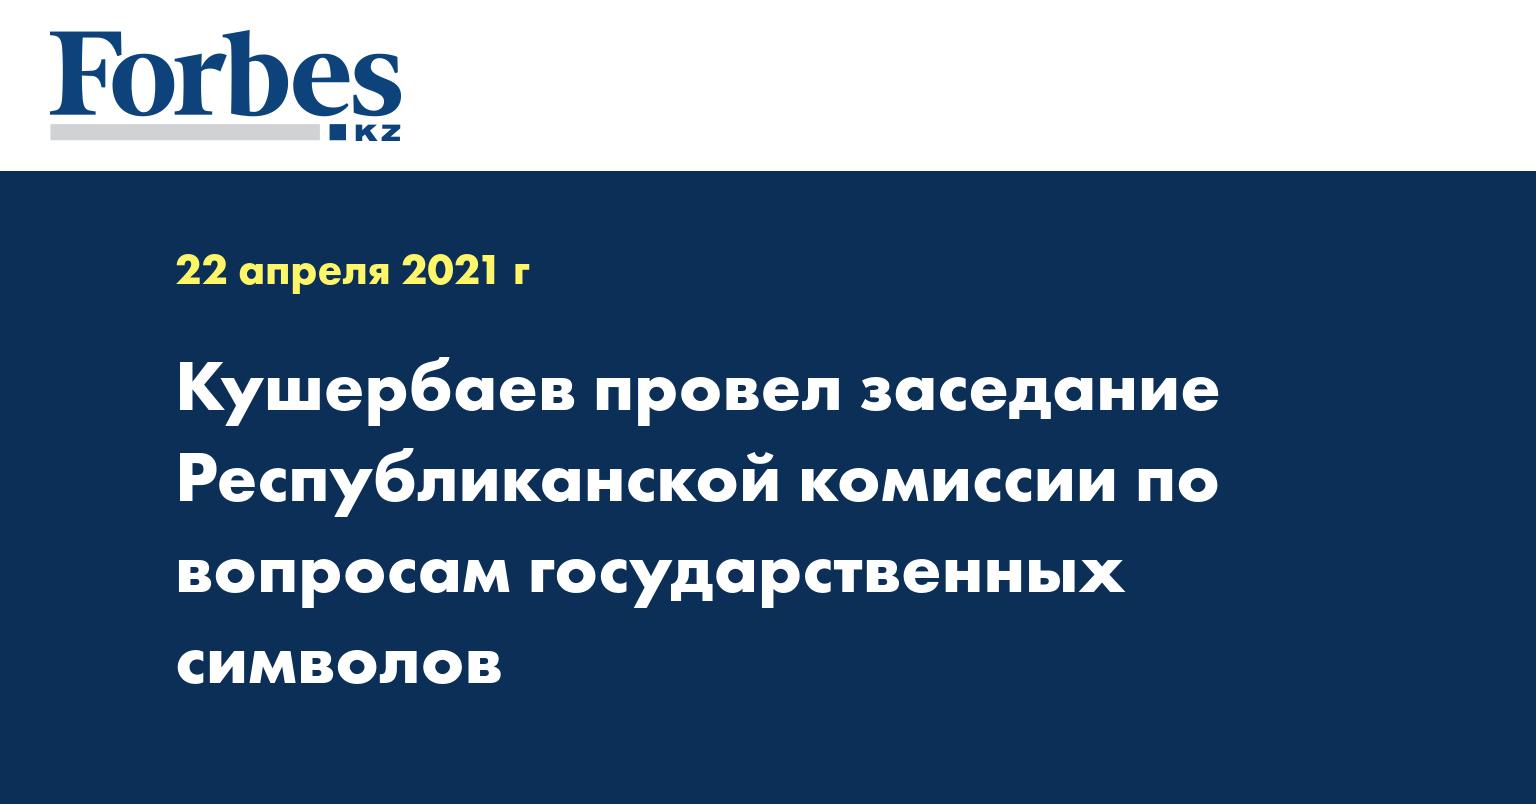 Кушербаев провел заседание Республиканской комиссии по вопросам государственных символов